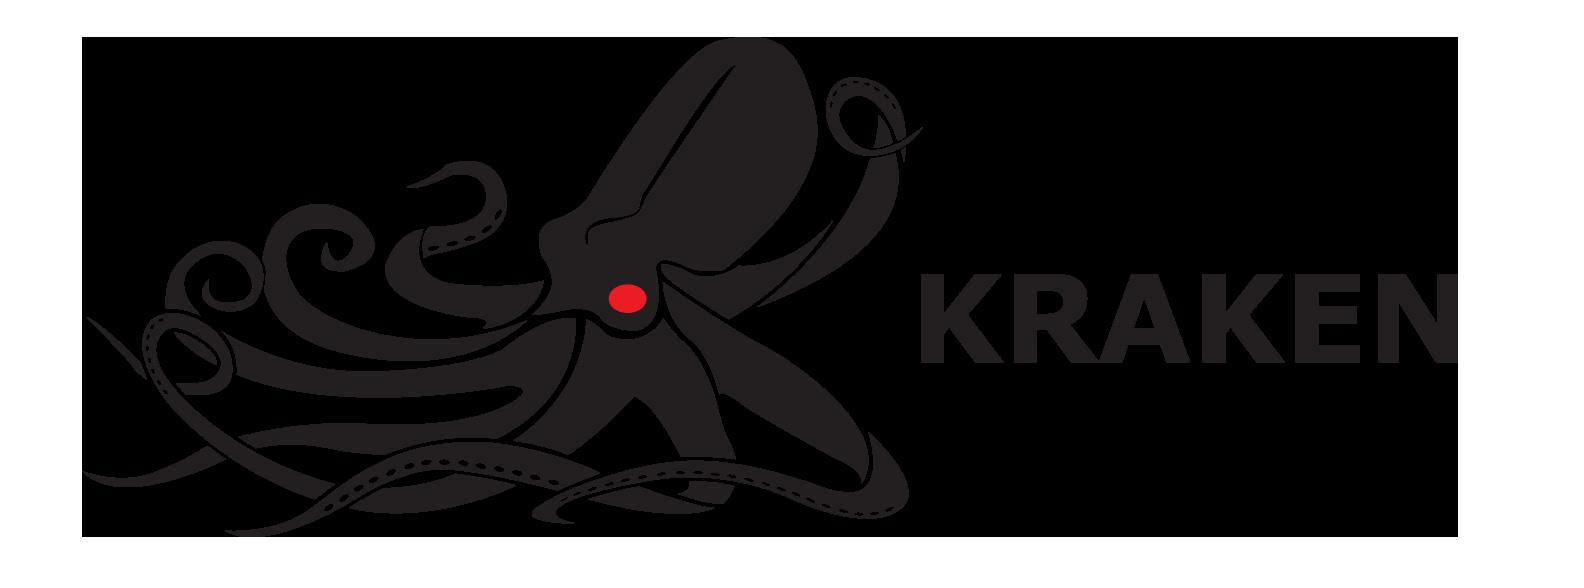 Corporate name change to. Clipart octopus kraken